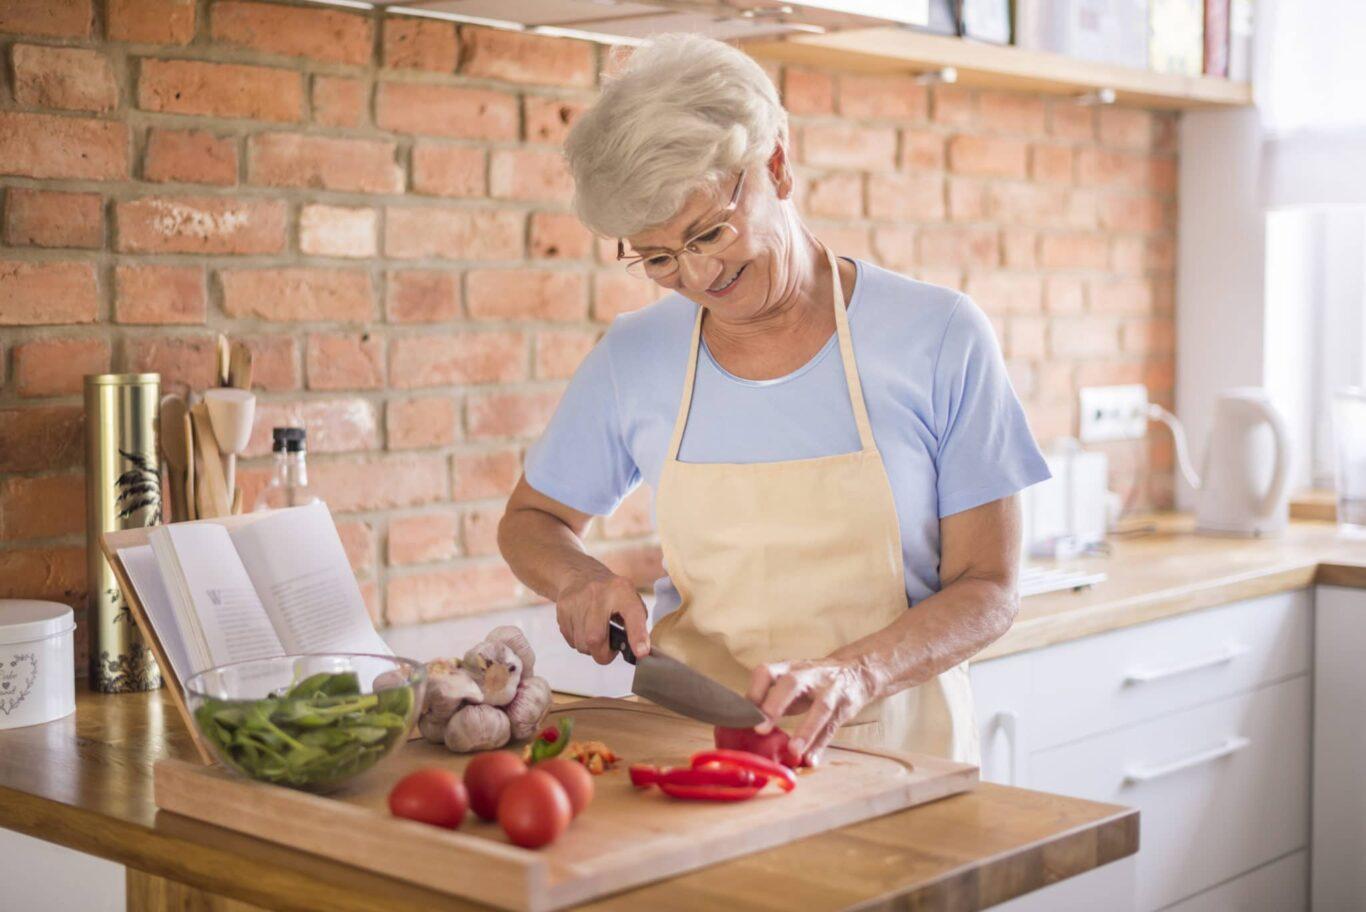 Für Senioren ist ein ausgeglichener Vitaminhaushalt wichtig